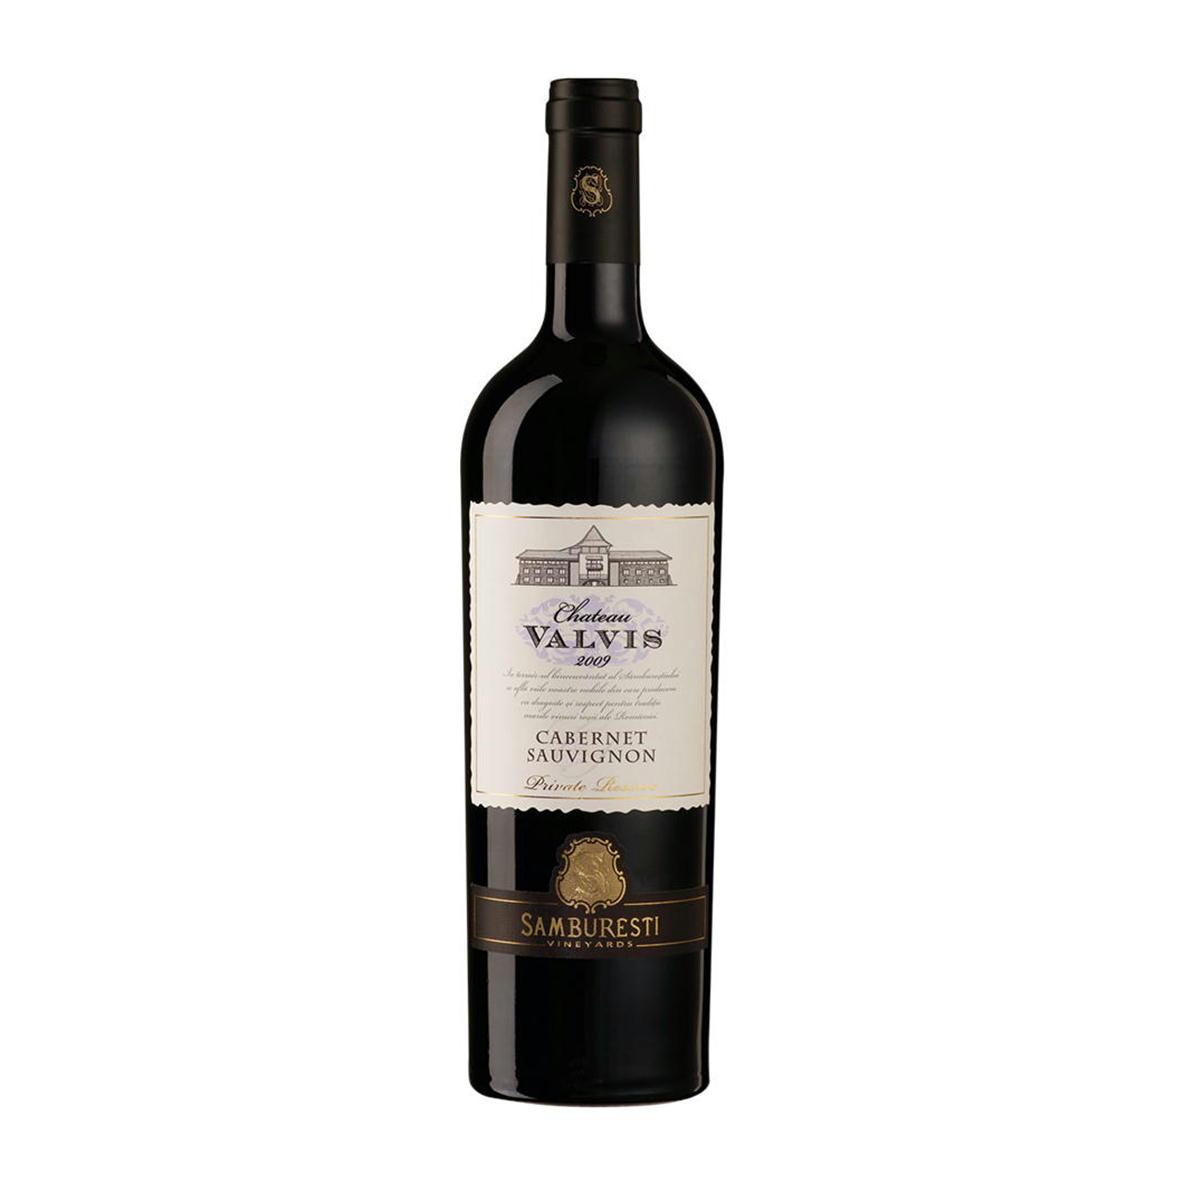 【ルーマニアワイン】シャトー ヴァルヴィス カベルネソーヴィニヨン 2016 Chateau Valvis Cabernet Sauvignon 2016